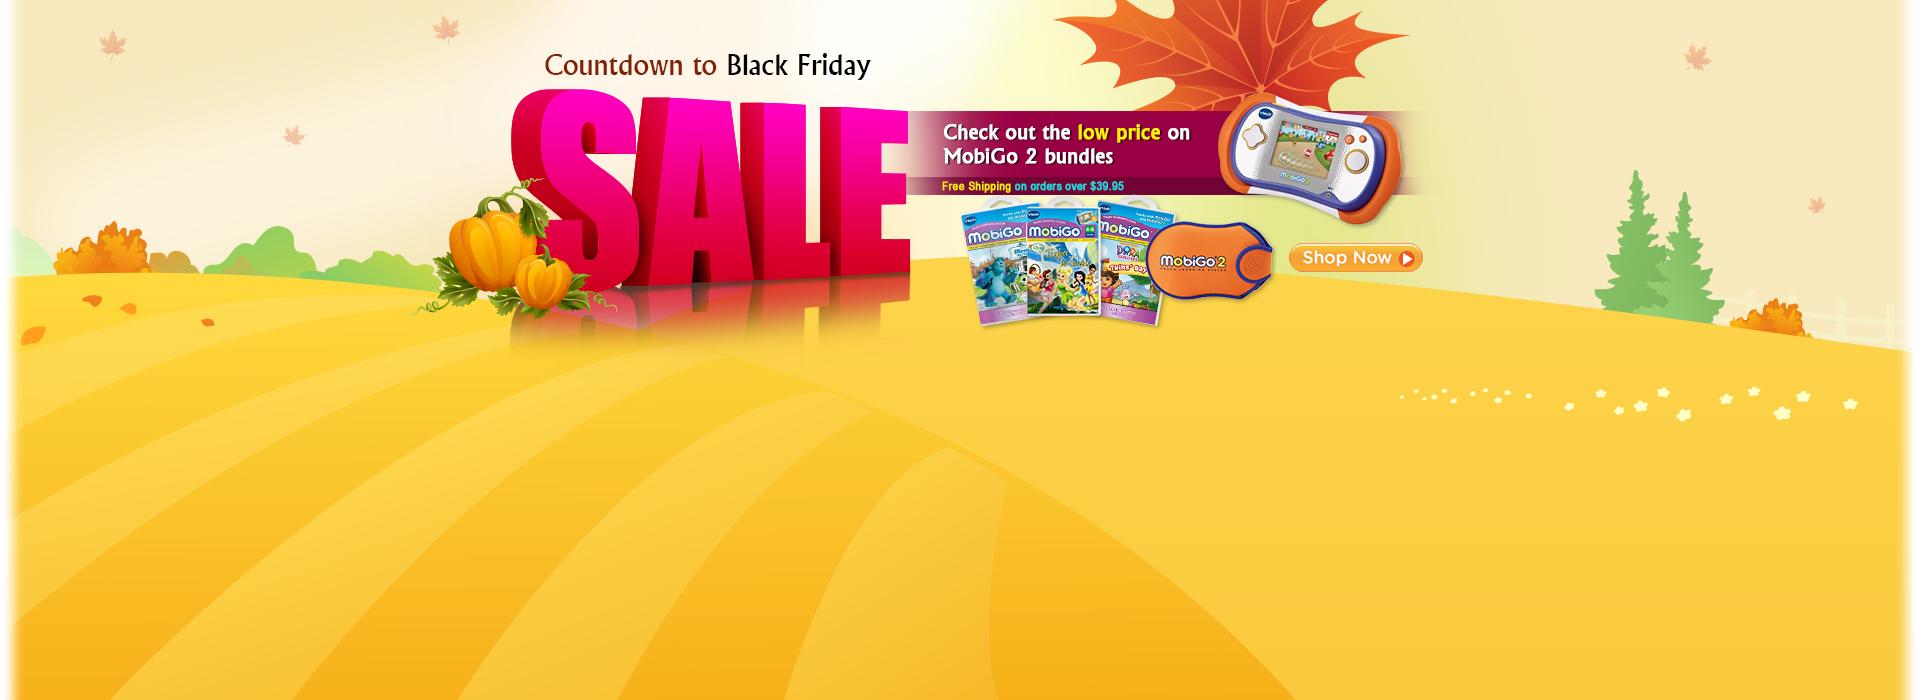 Countdown to Black Friday Sale - MobiGo Deals